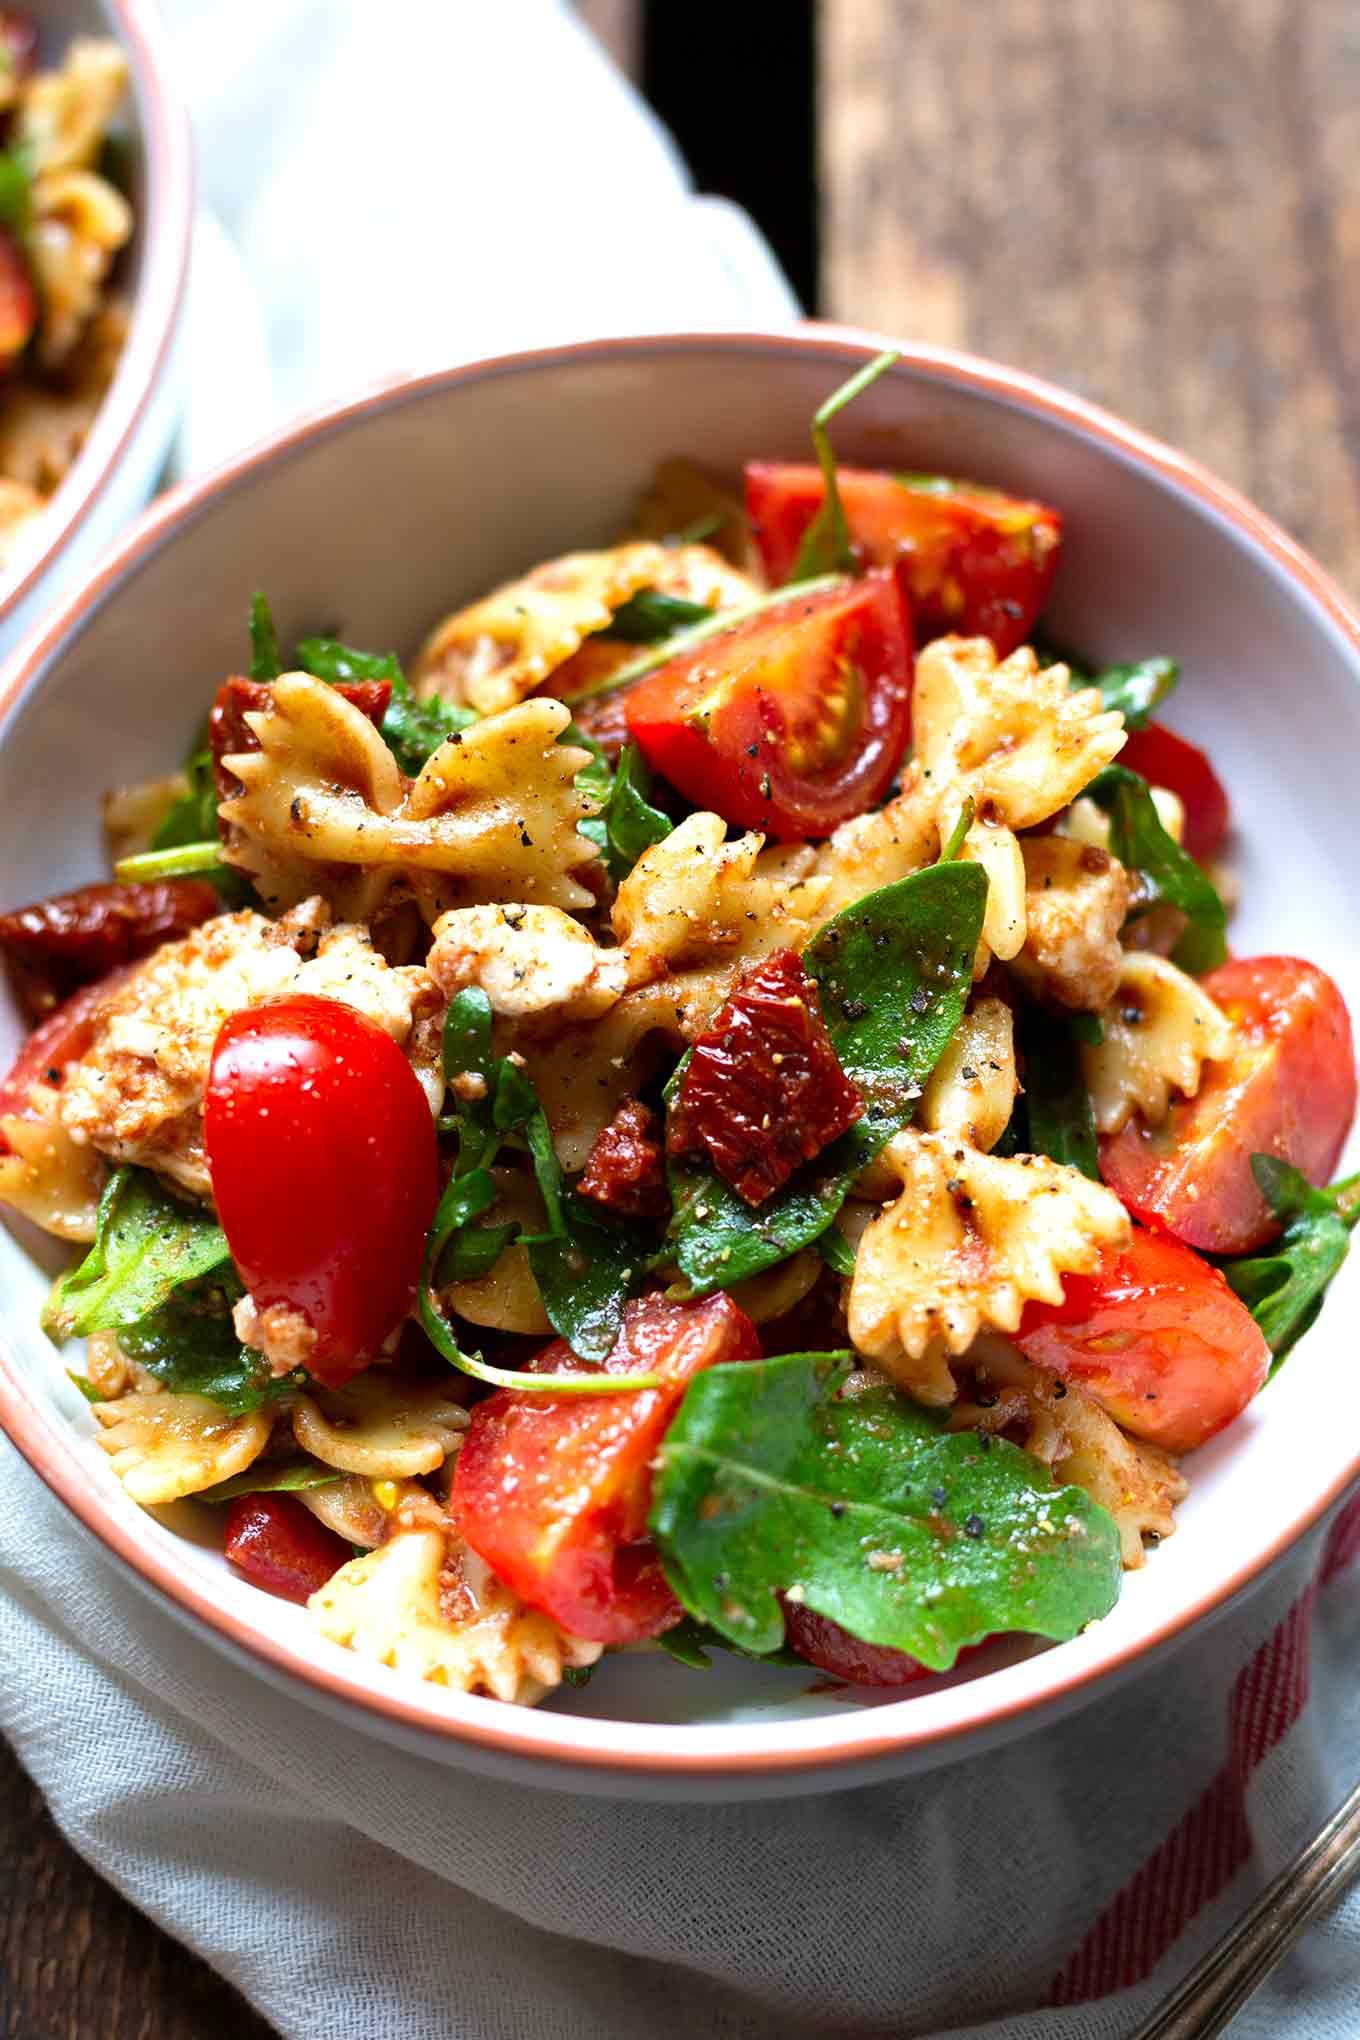 Italienischer Nudelsalat mit Rucola, getrockneten Tomaten und Mozzarella.